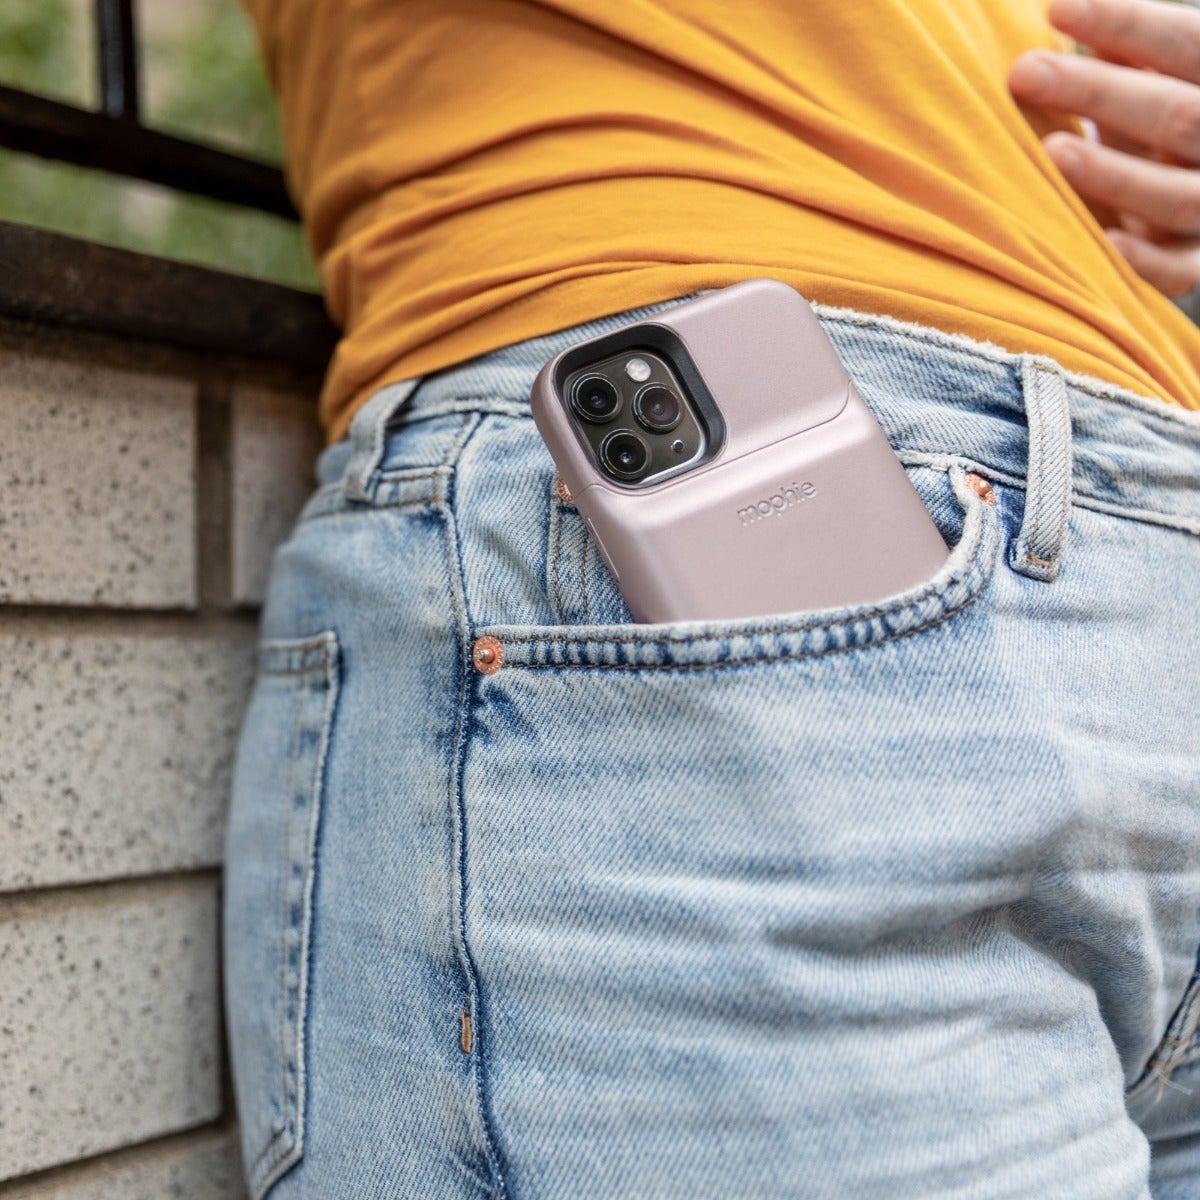 پاور بانک و قاب شارژ موفی مدل Juice Pack Access برای آیفون 11 Pro Max